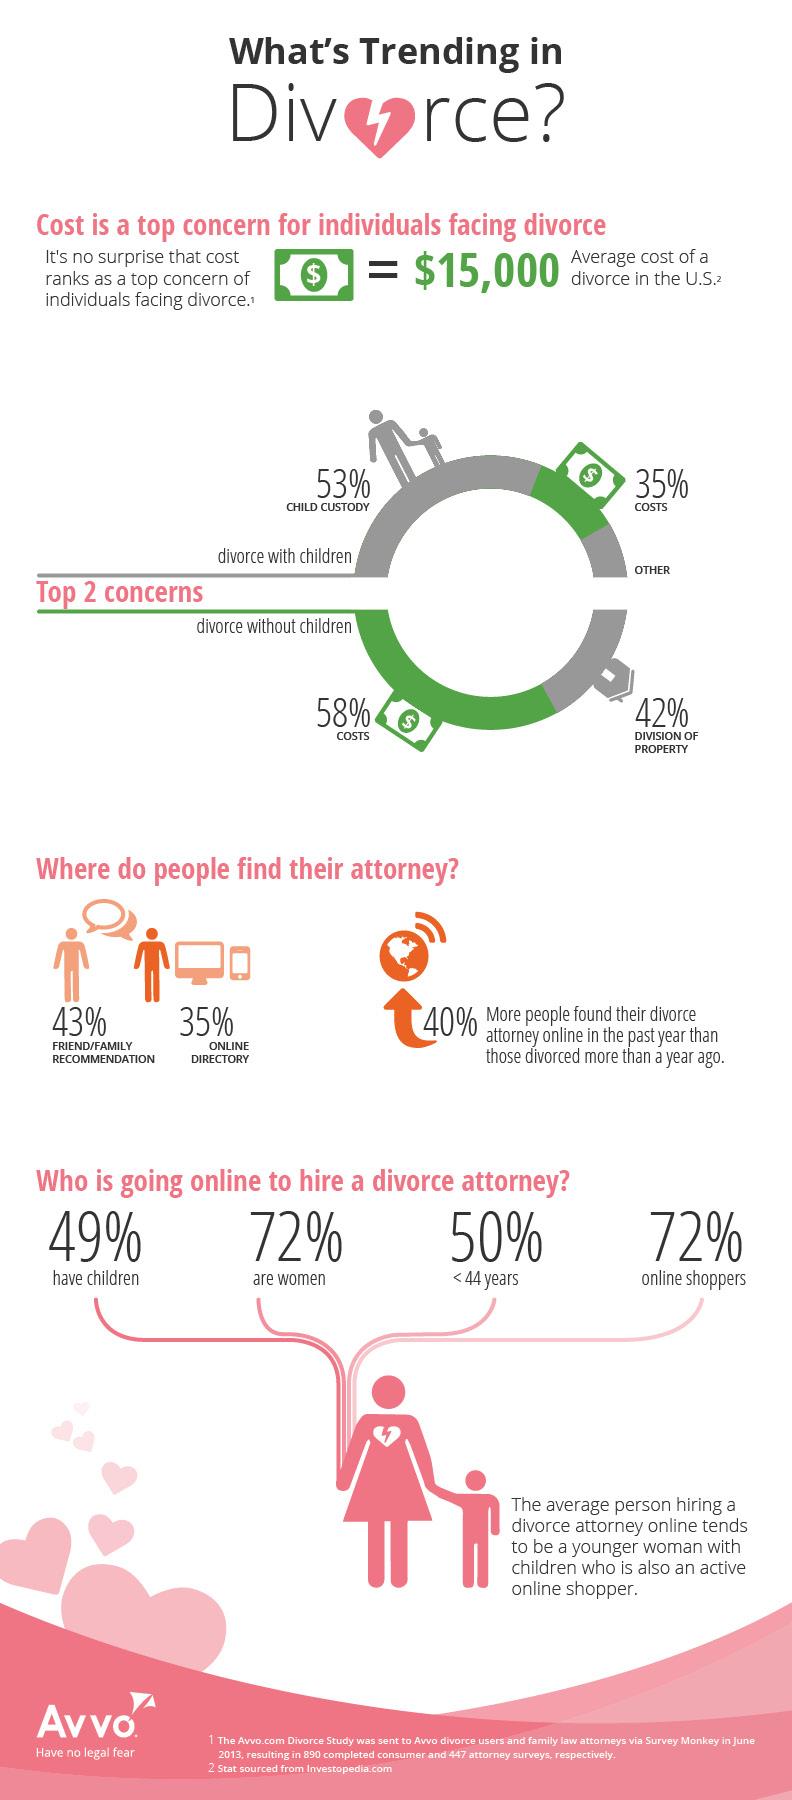 Avvo what's trending in divorce infographic